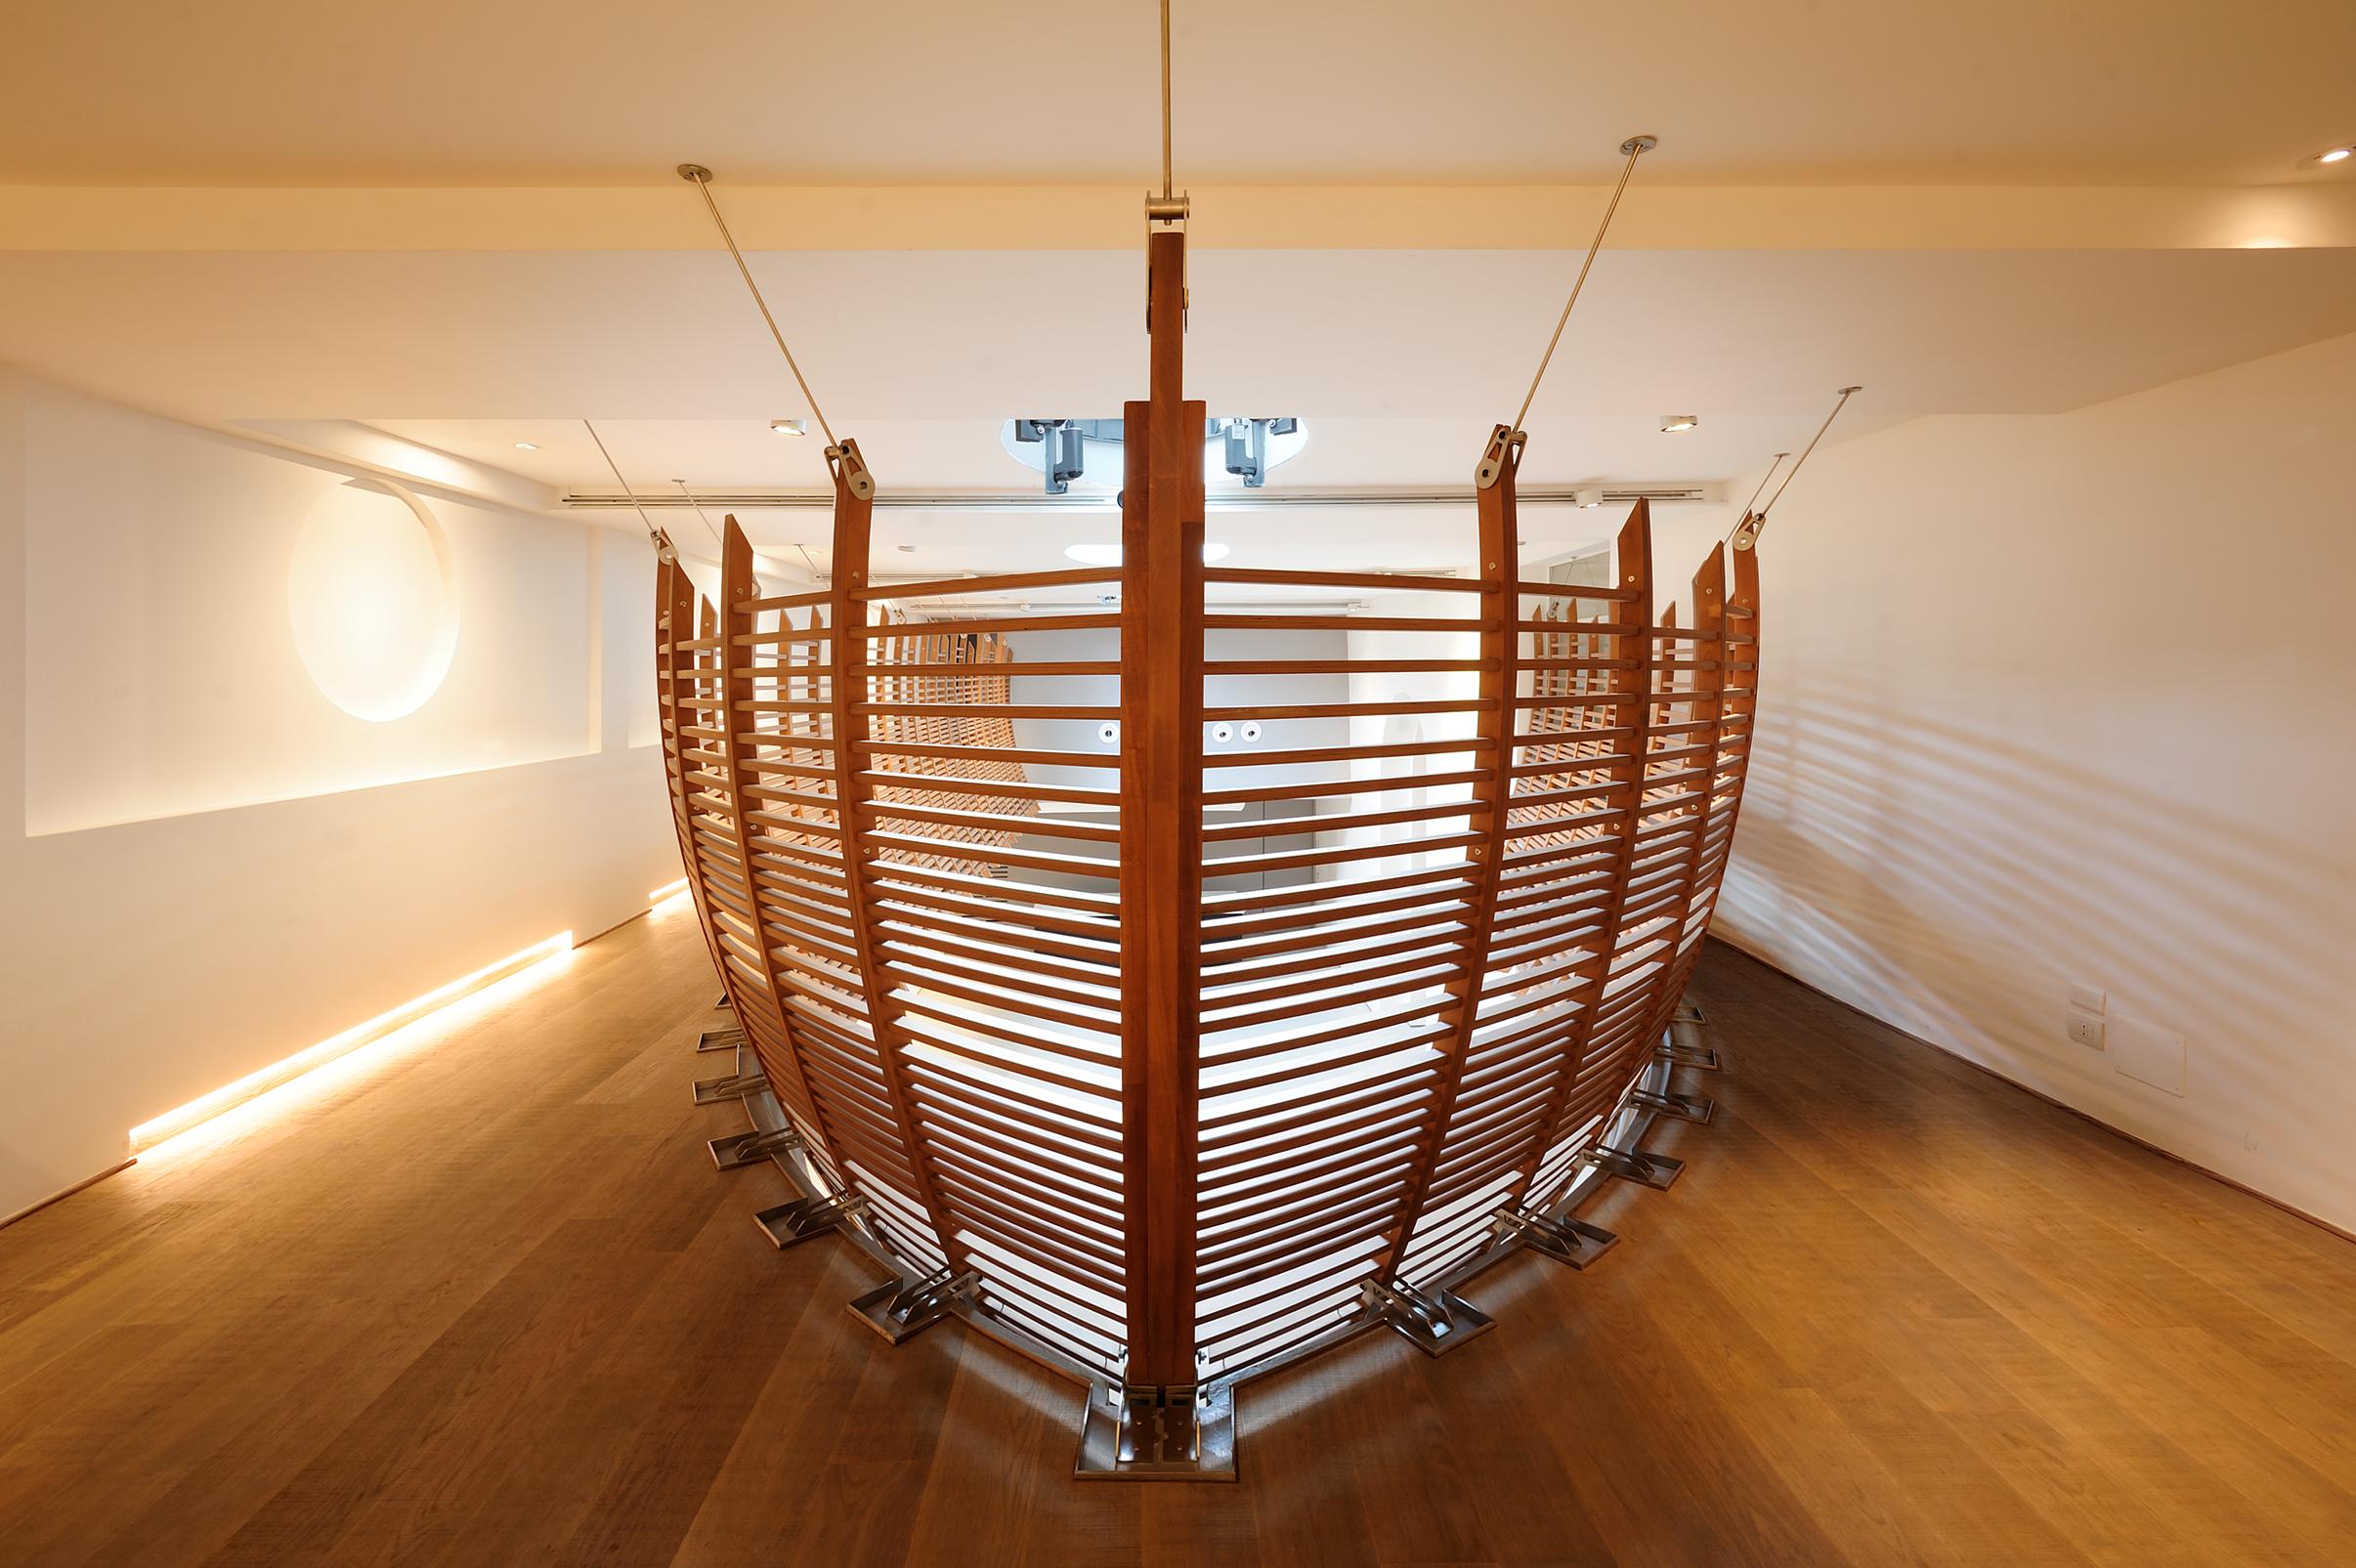 Pietro Barbaro Group - Fondazione Pietro Barbaro - Palazzo Trinacria - Exhibition Hall